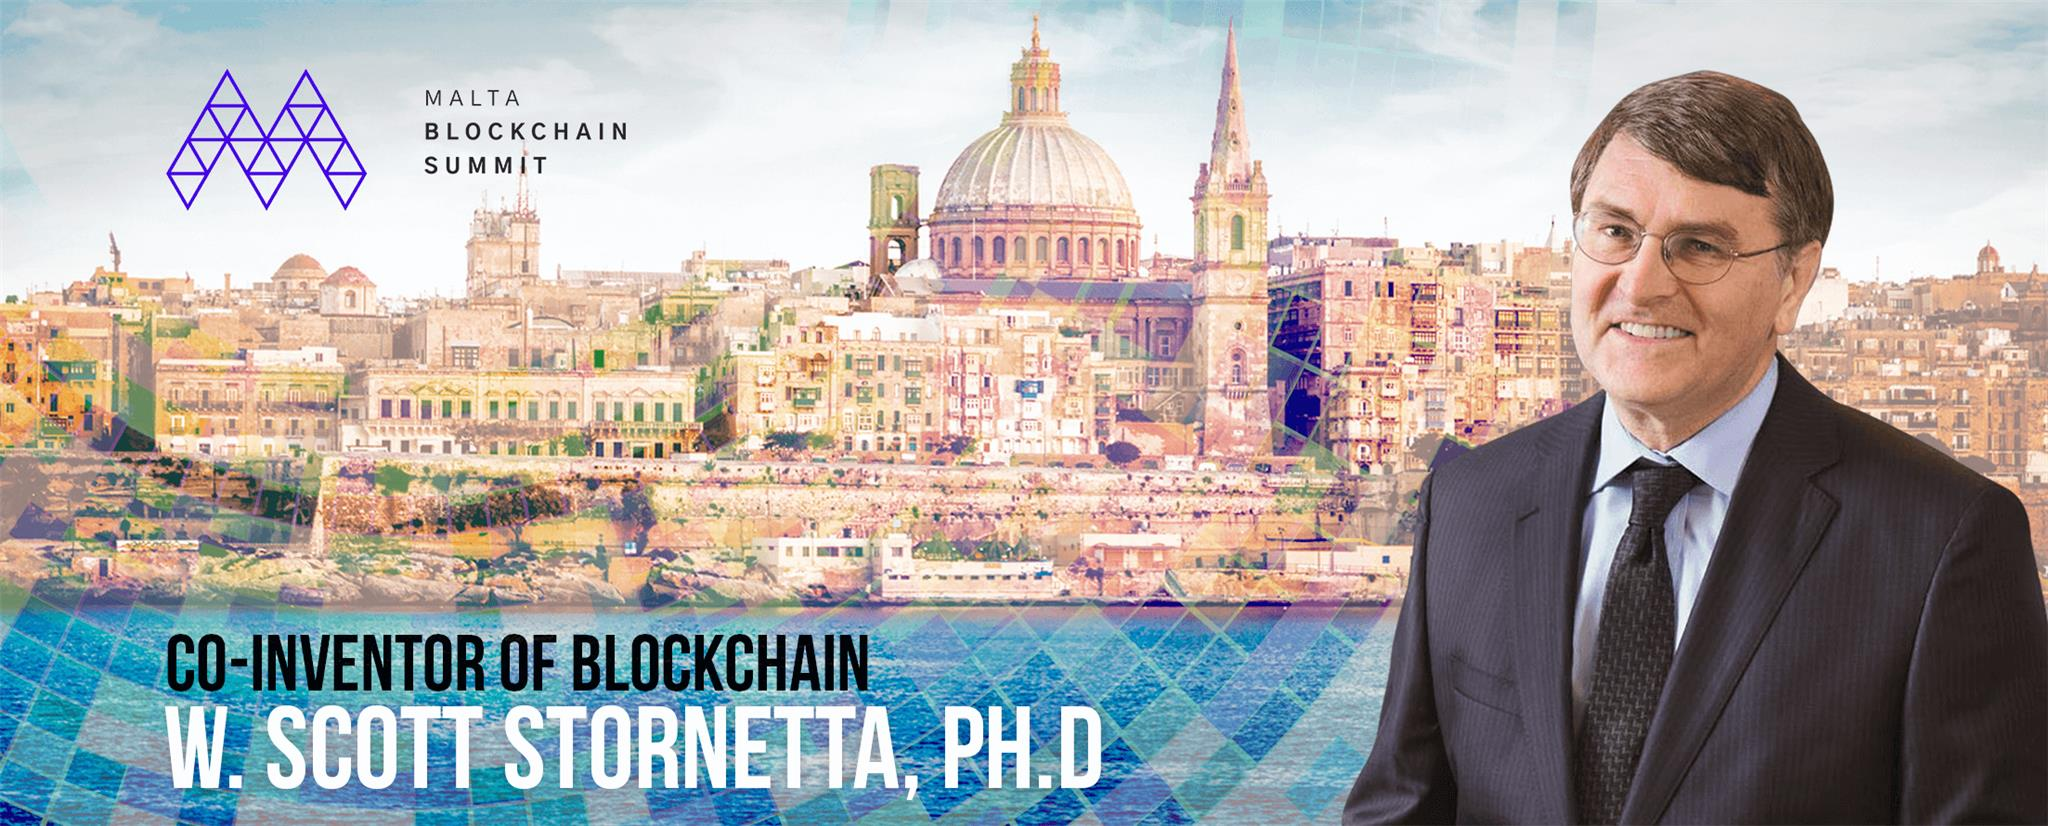 """Vertice Blockchain a Malta che porta il padre fondatore di Blockchain - Vertice Blockchain a Malta con la presenza del """"padre fondatore"""" di Blockchain nell'isola Blockchain"""